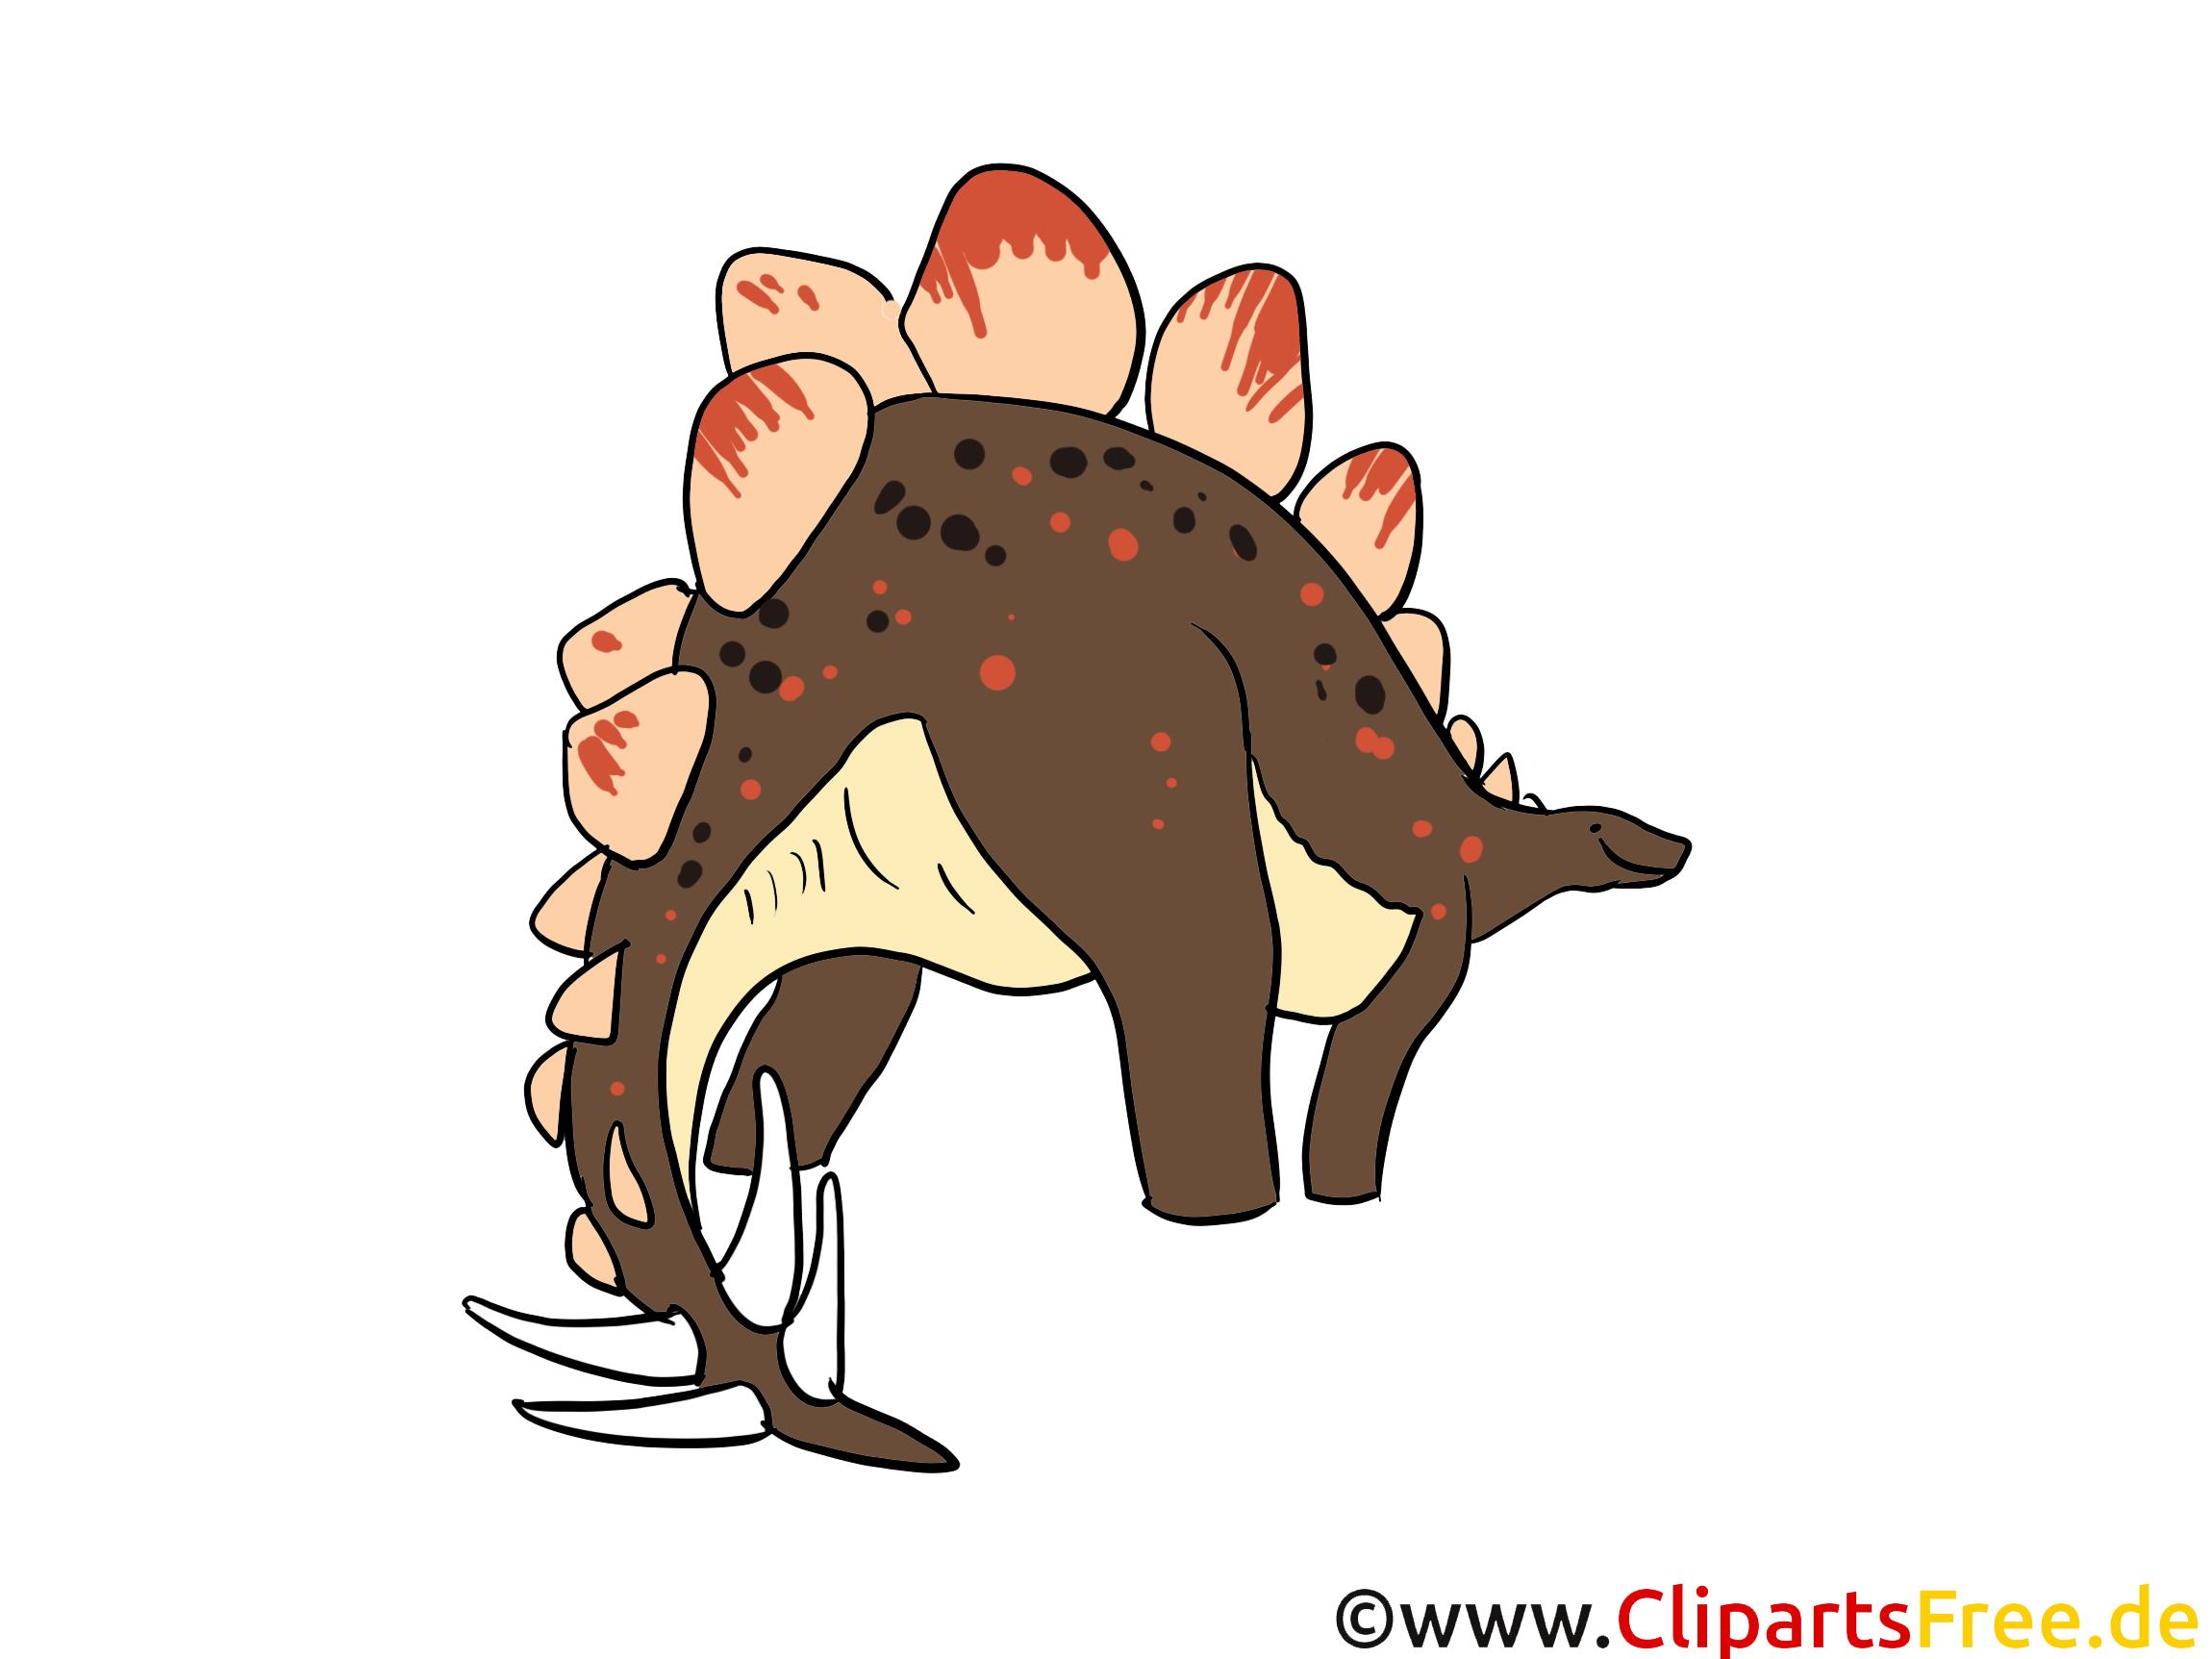 Stegosaurus Bild - Dinosaurierarten Bilder, Cartoons, Illustrationen gratis